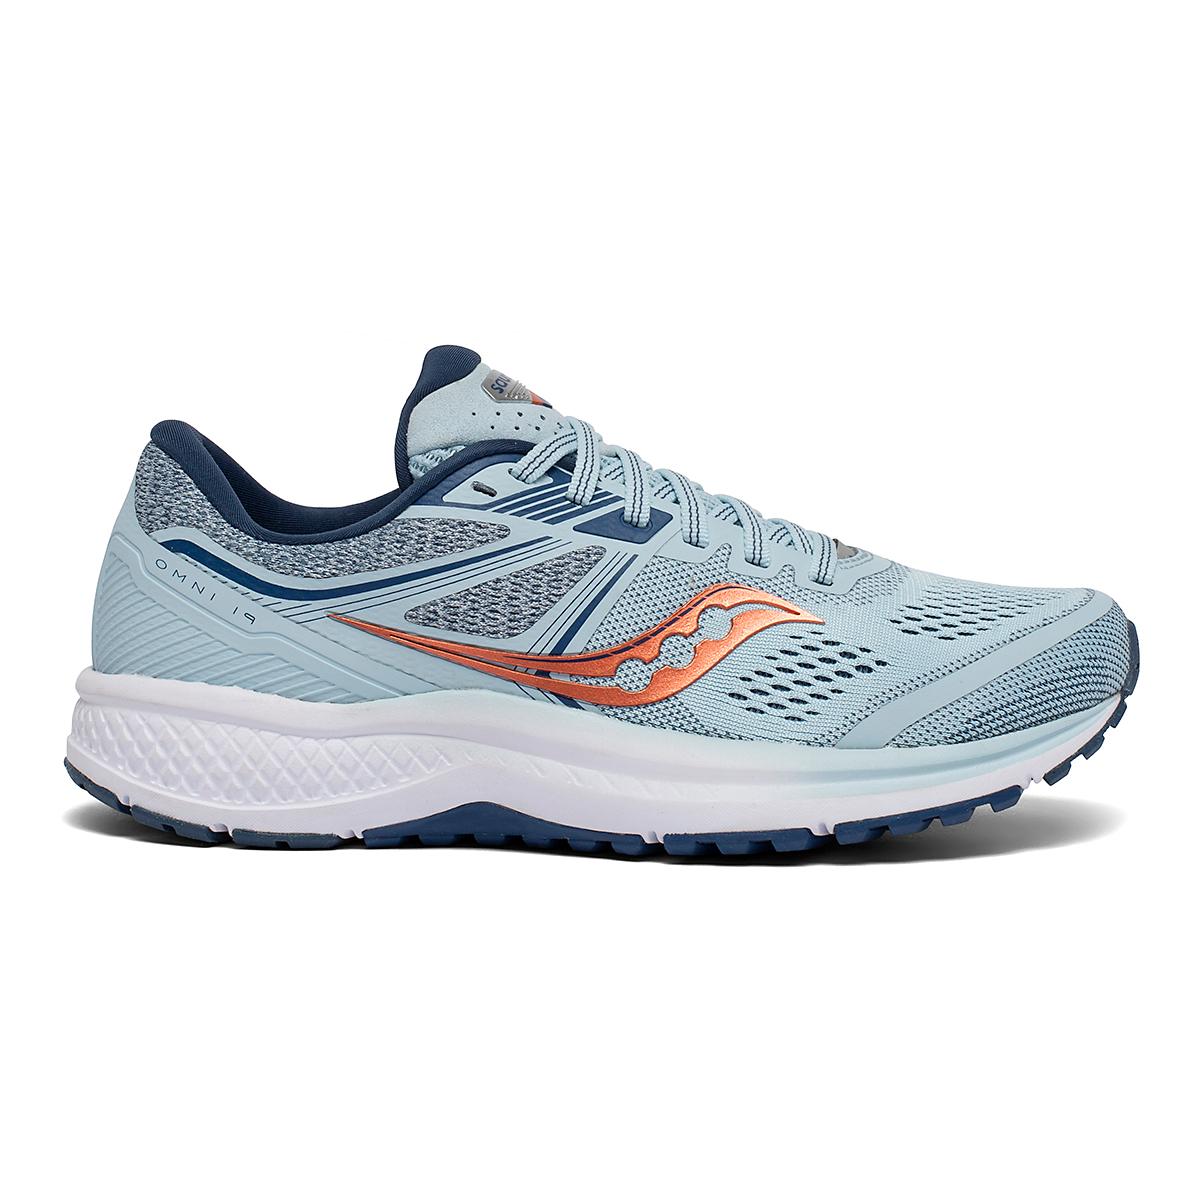 Saucony Omni 19 Women's or Men's Running Shoes